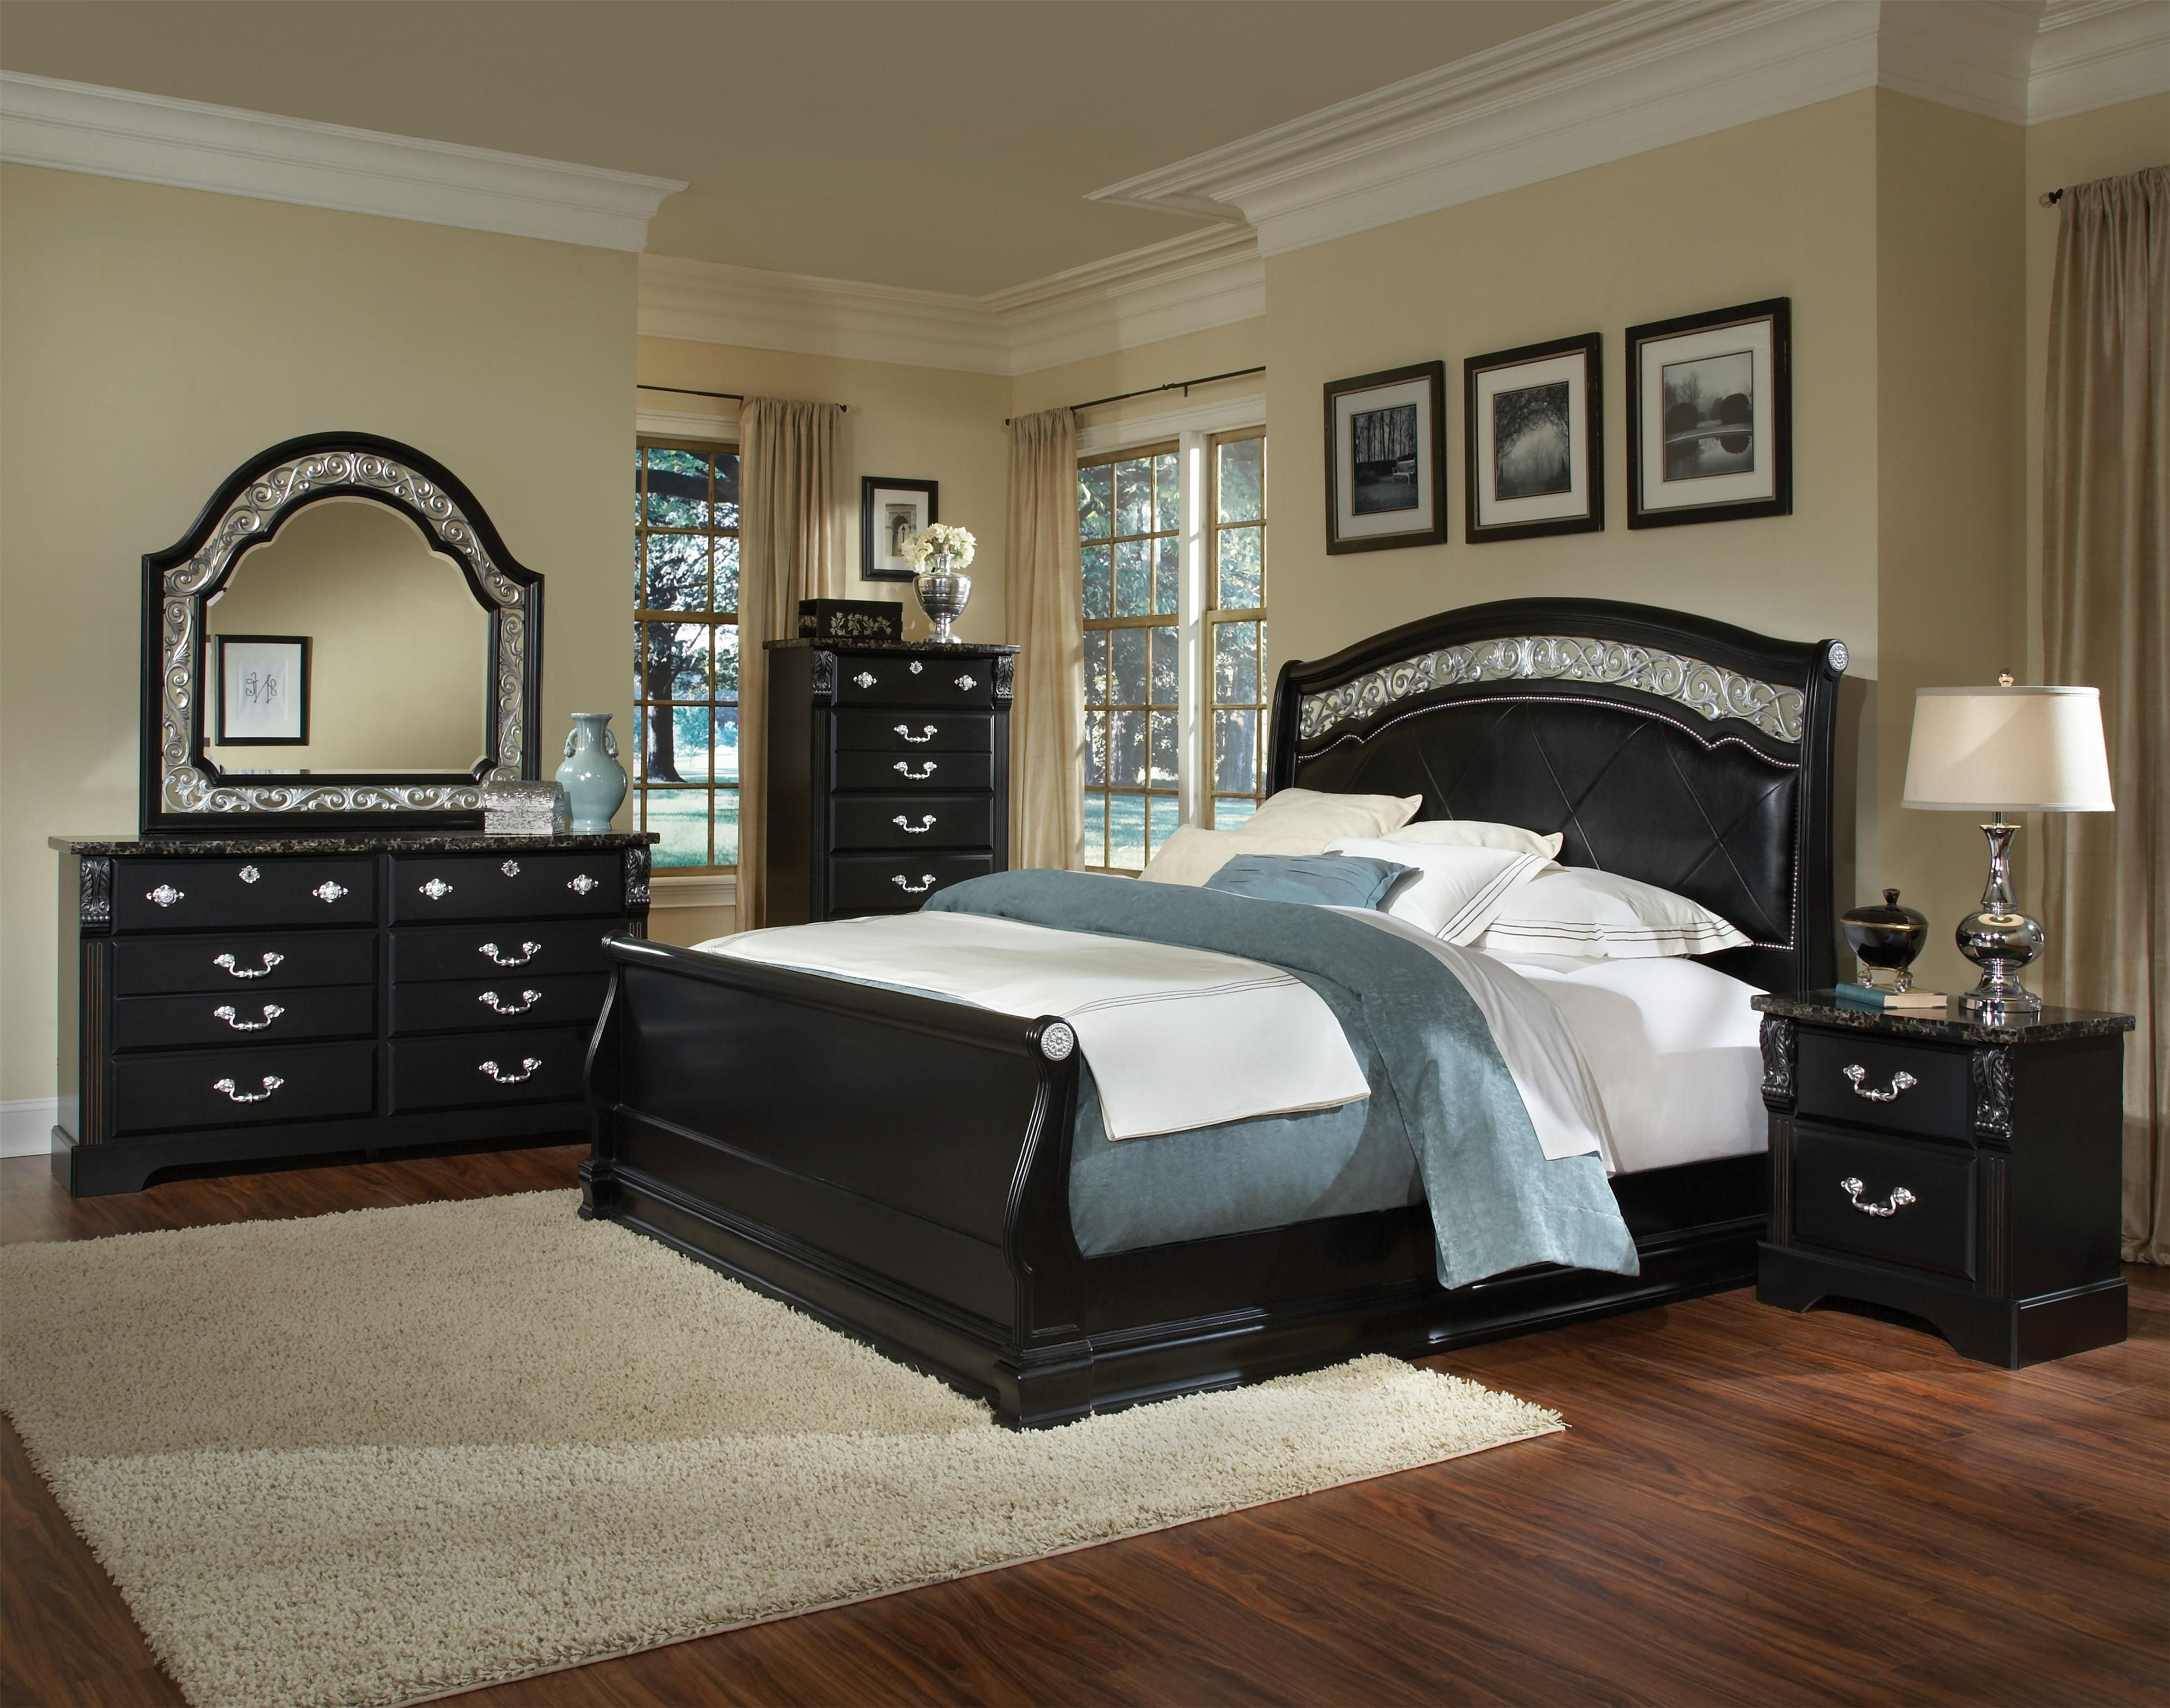 Black Bedroom Furniture Very Nice Standard Furniture Bedroom